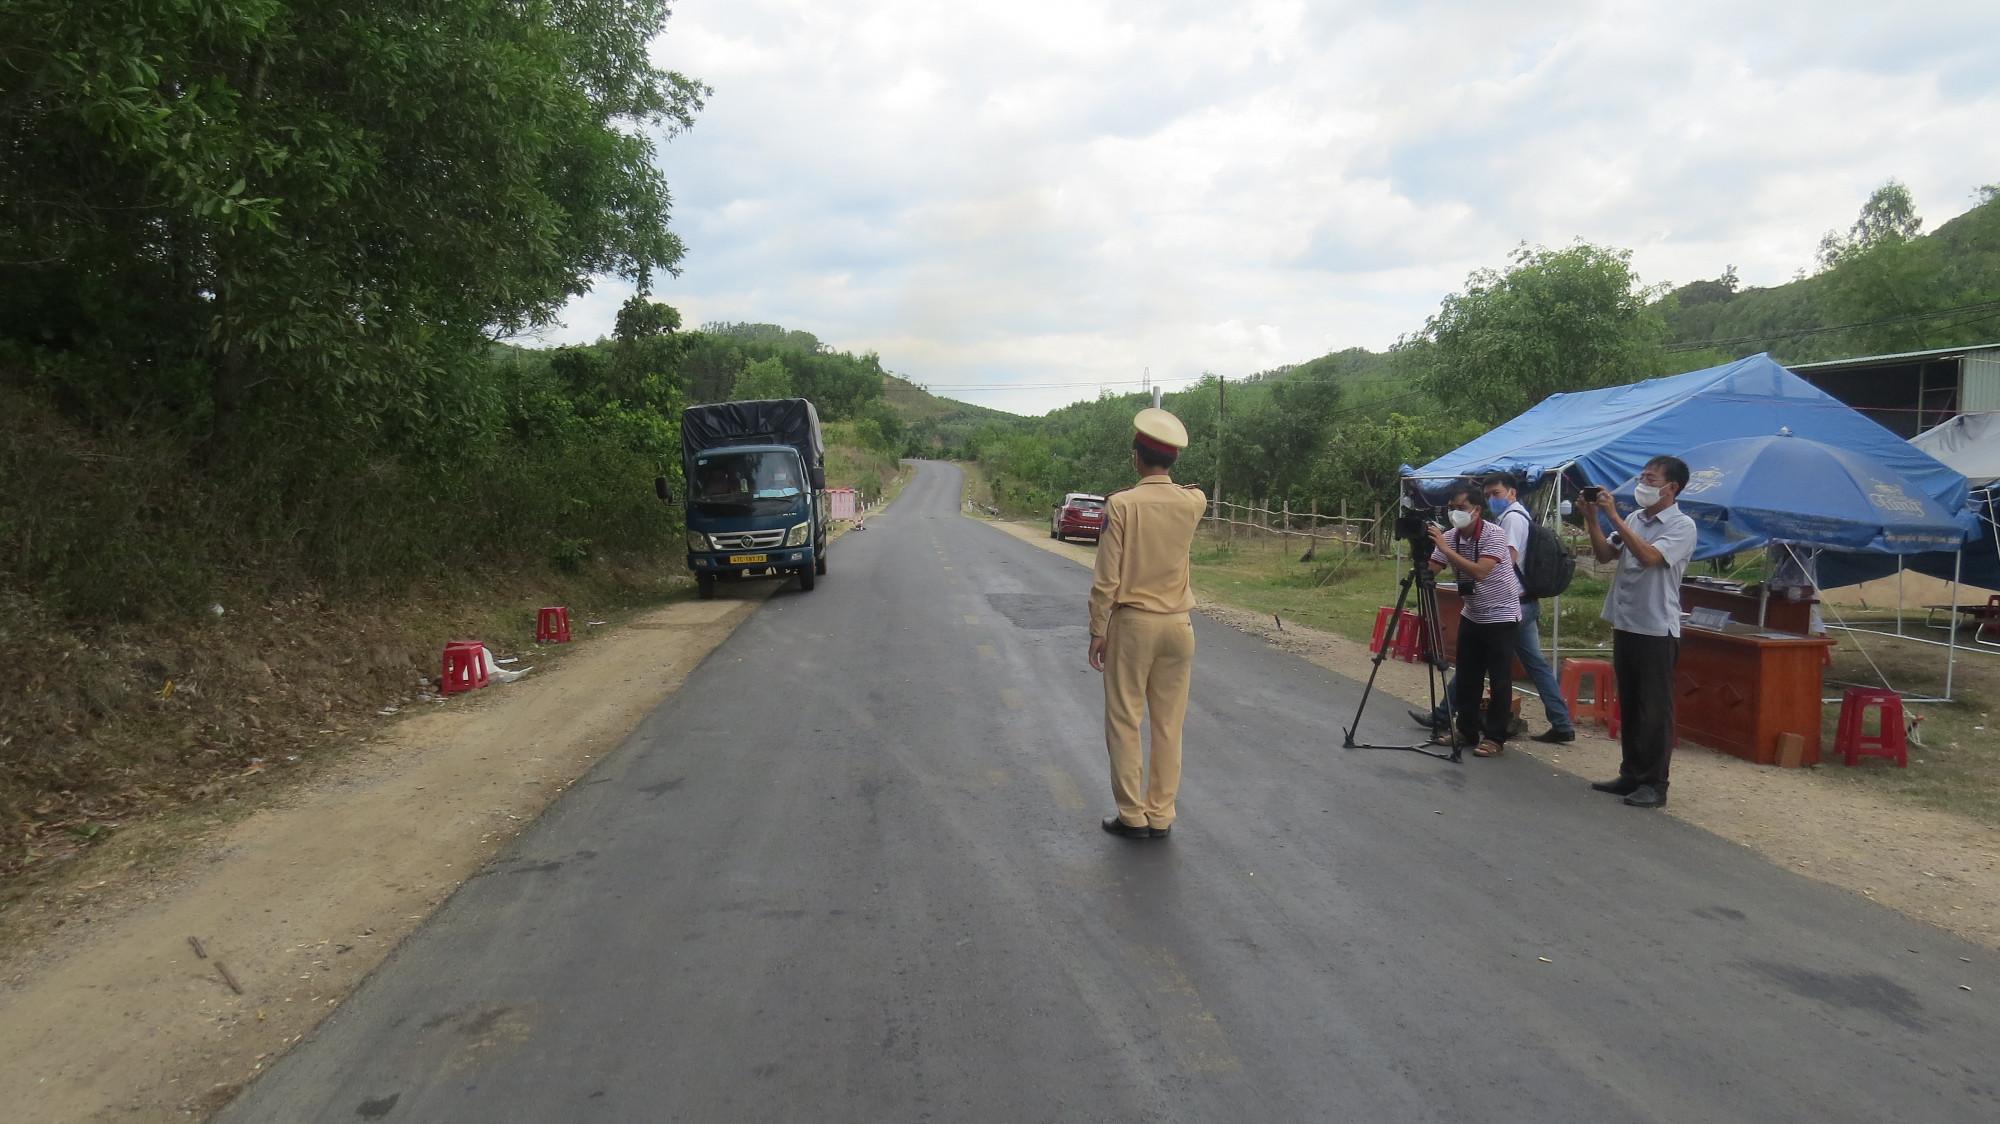 Chốt kiểm soát phòng chống dịch bệnh COVID-19 trên tuyến quốc lộ 19C giáp ranh tỉnh Phú Yên, Bình Định